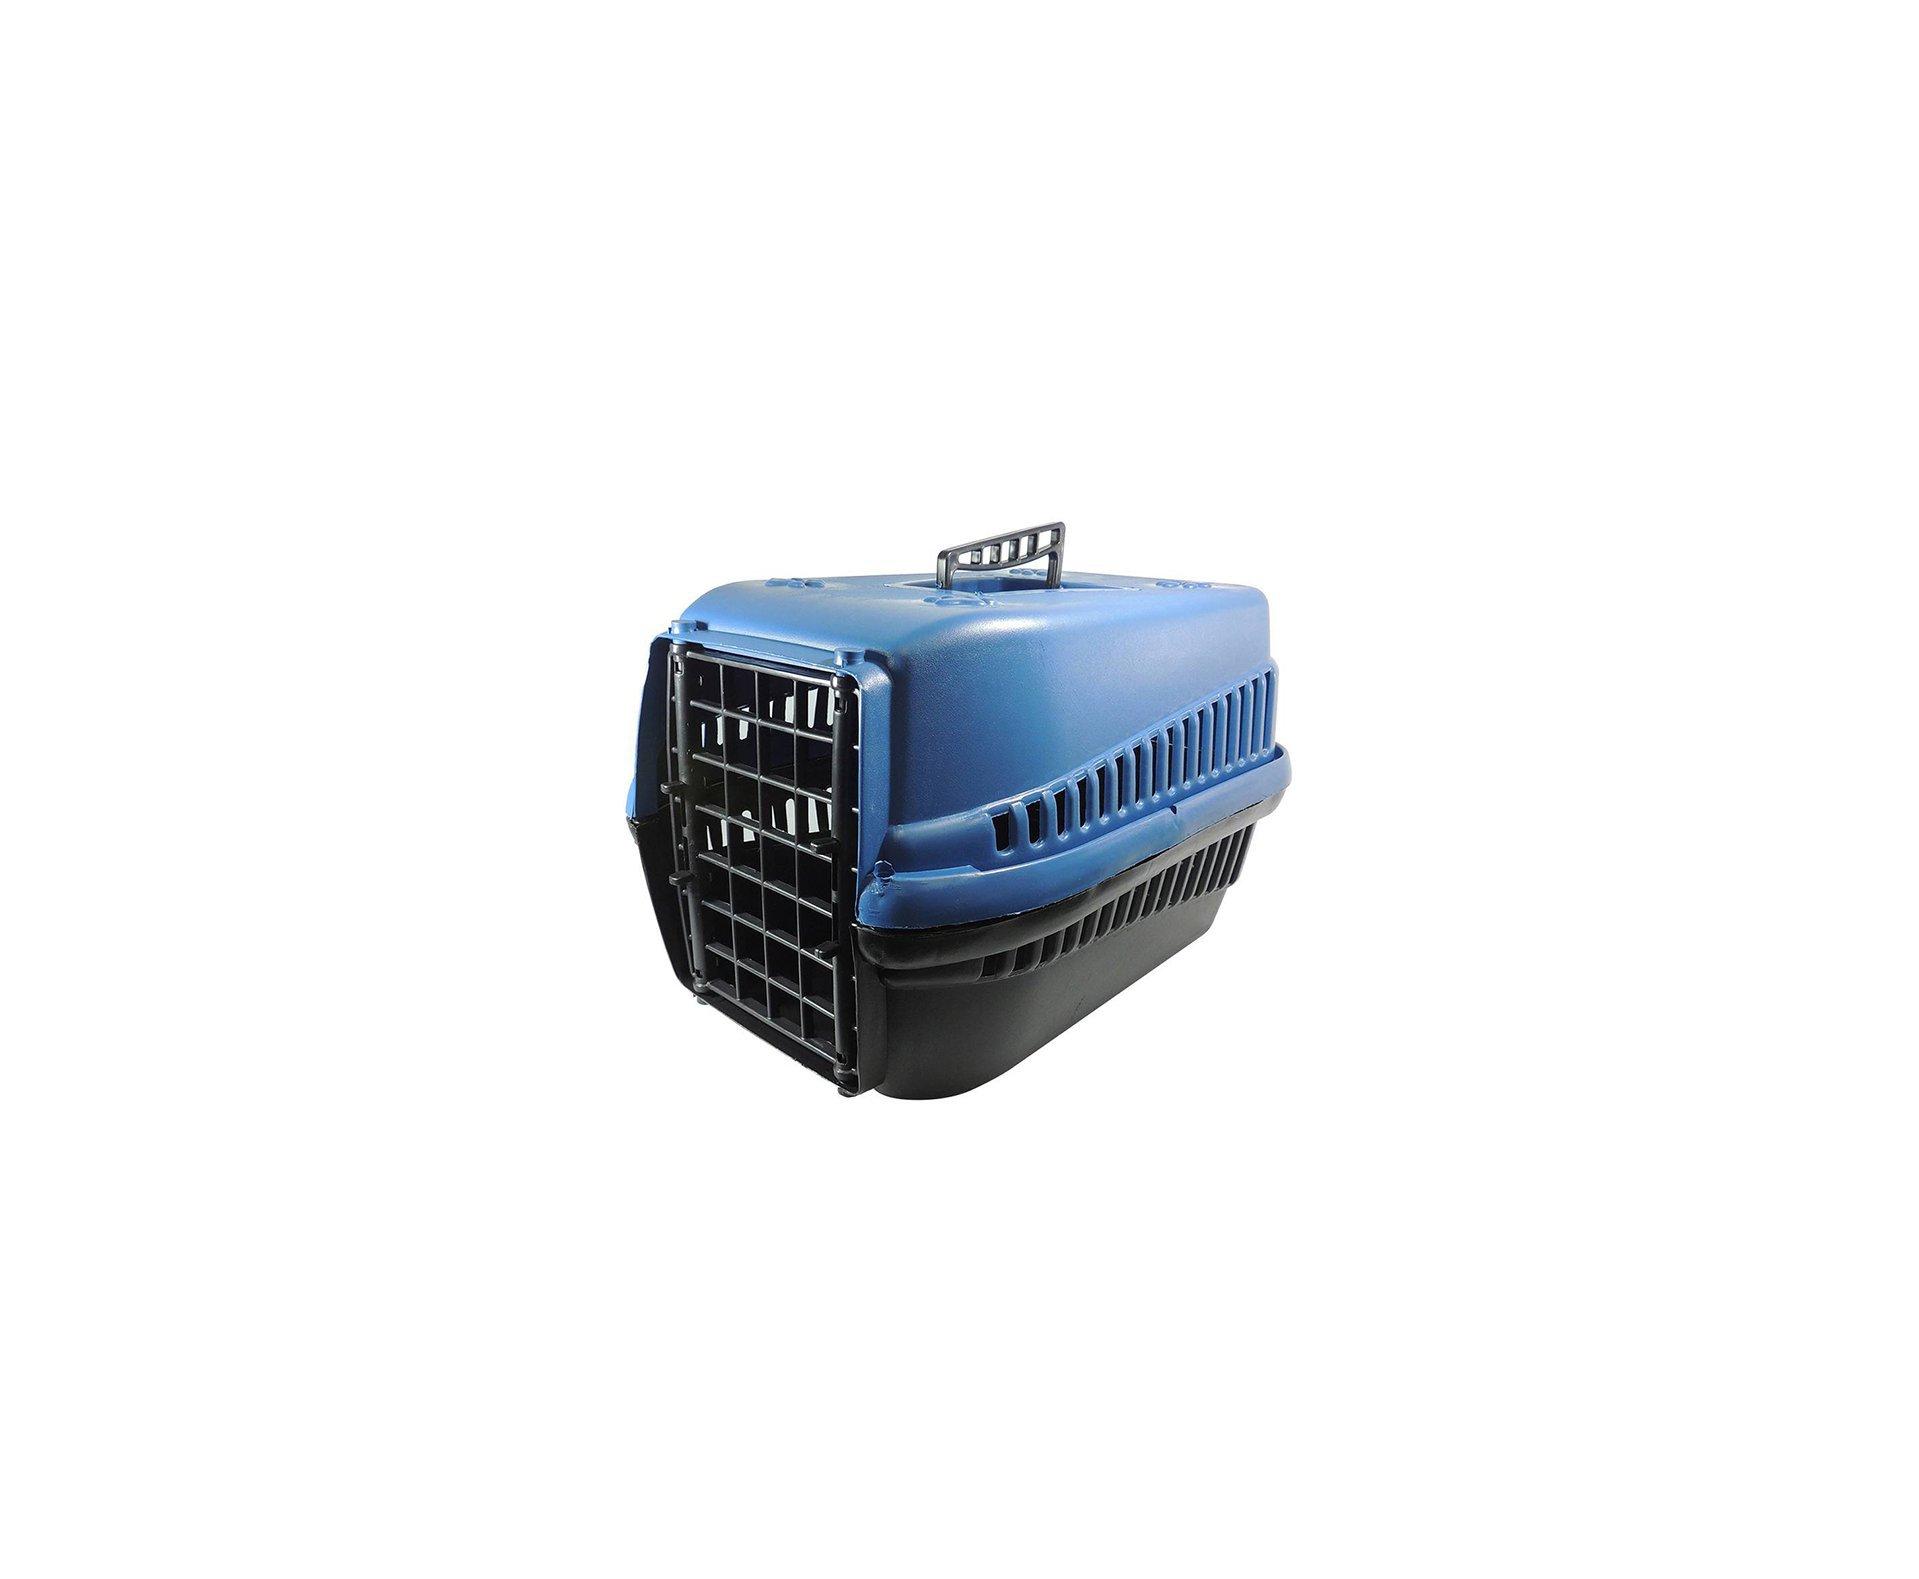 Caixa De Transporte Furacãopet N3 - Azul - Furacão